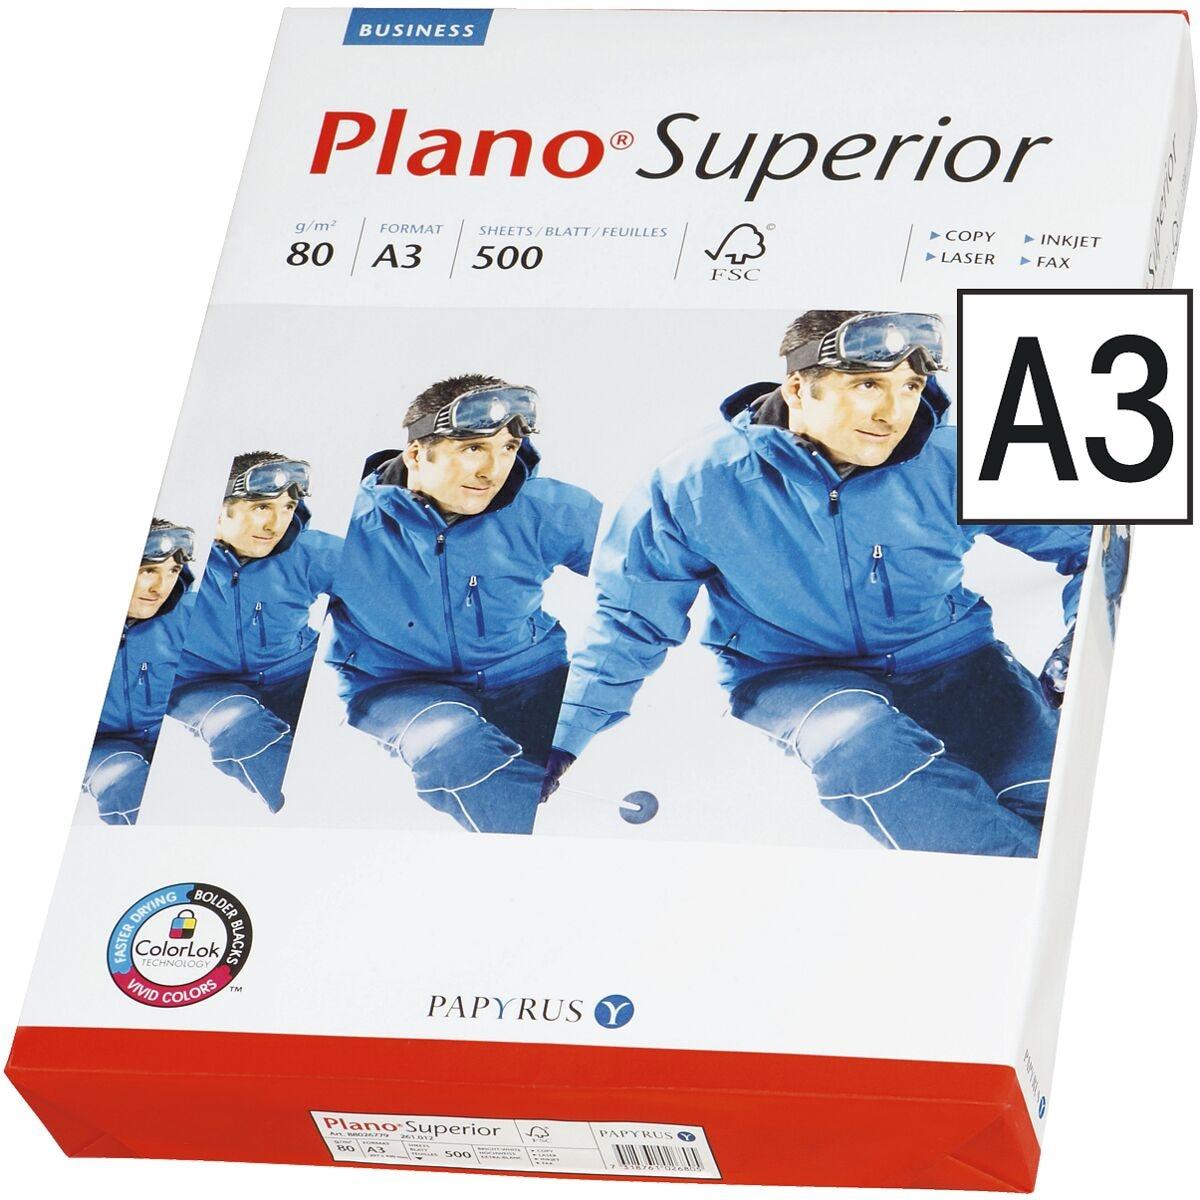 Multifunktionales Druckerpapier A3 Plano Superior - 500 Blatt gesamt